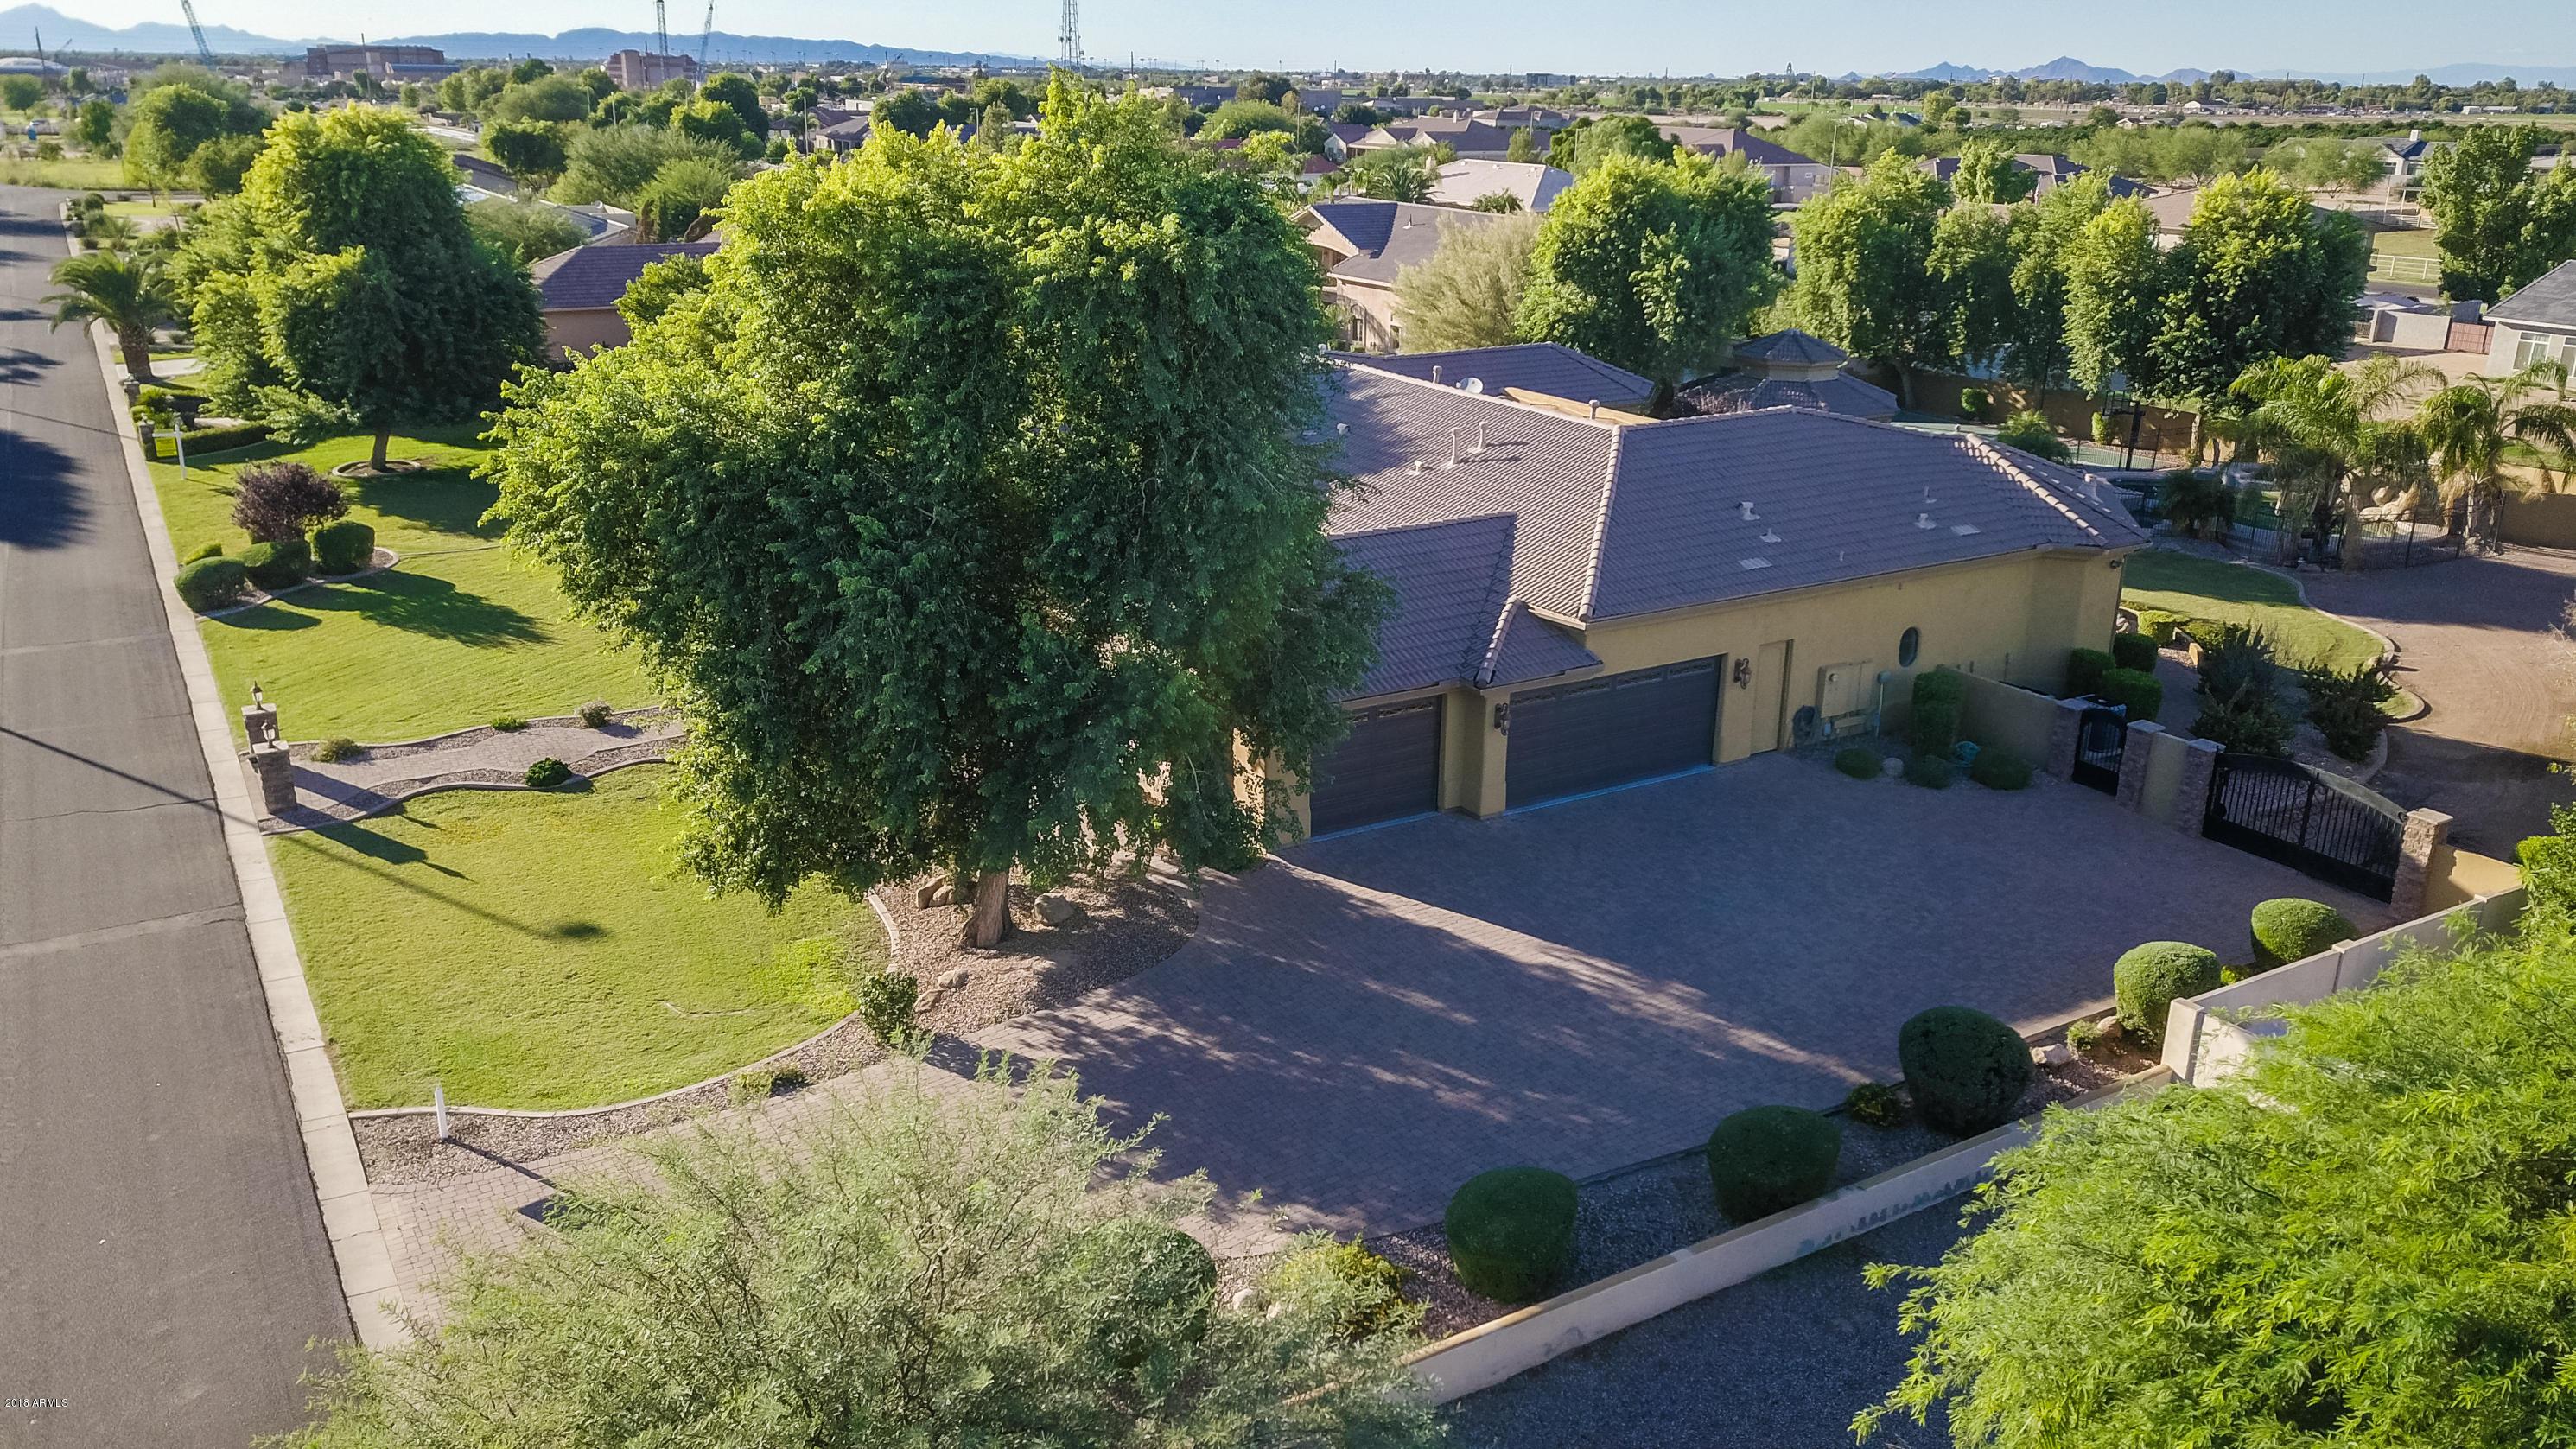 MLS 5834862 2718 E LINES Lane, Gilbert, AZ 85297 No HOA Homes